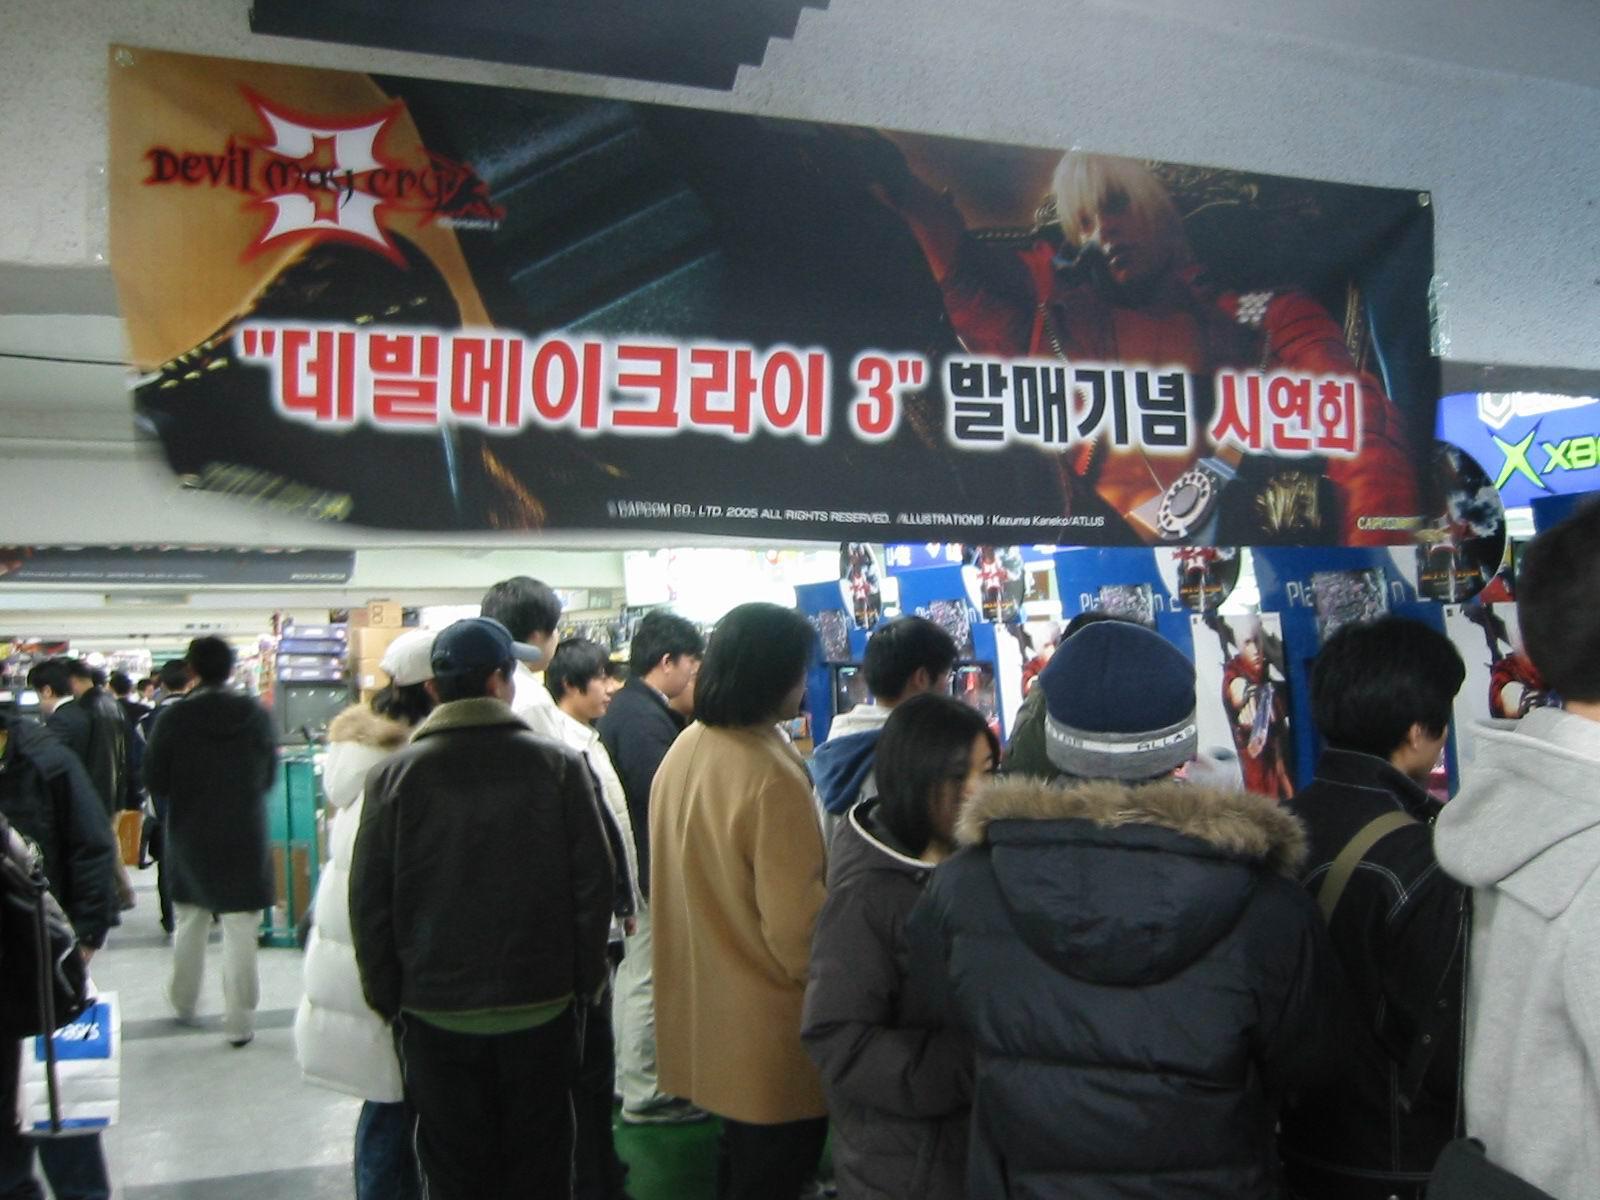 코코캠콤,데밀메이크라이3시연회성황리에마쳐